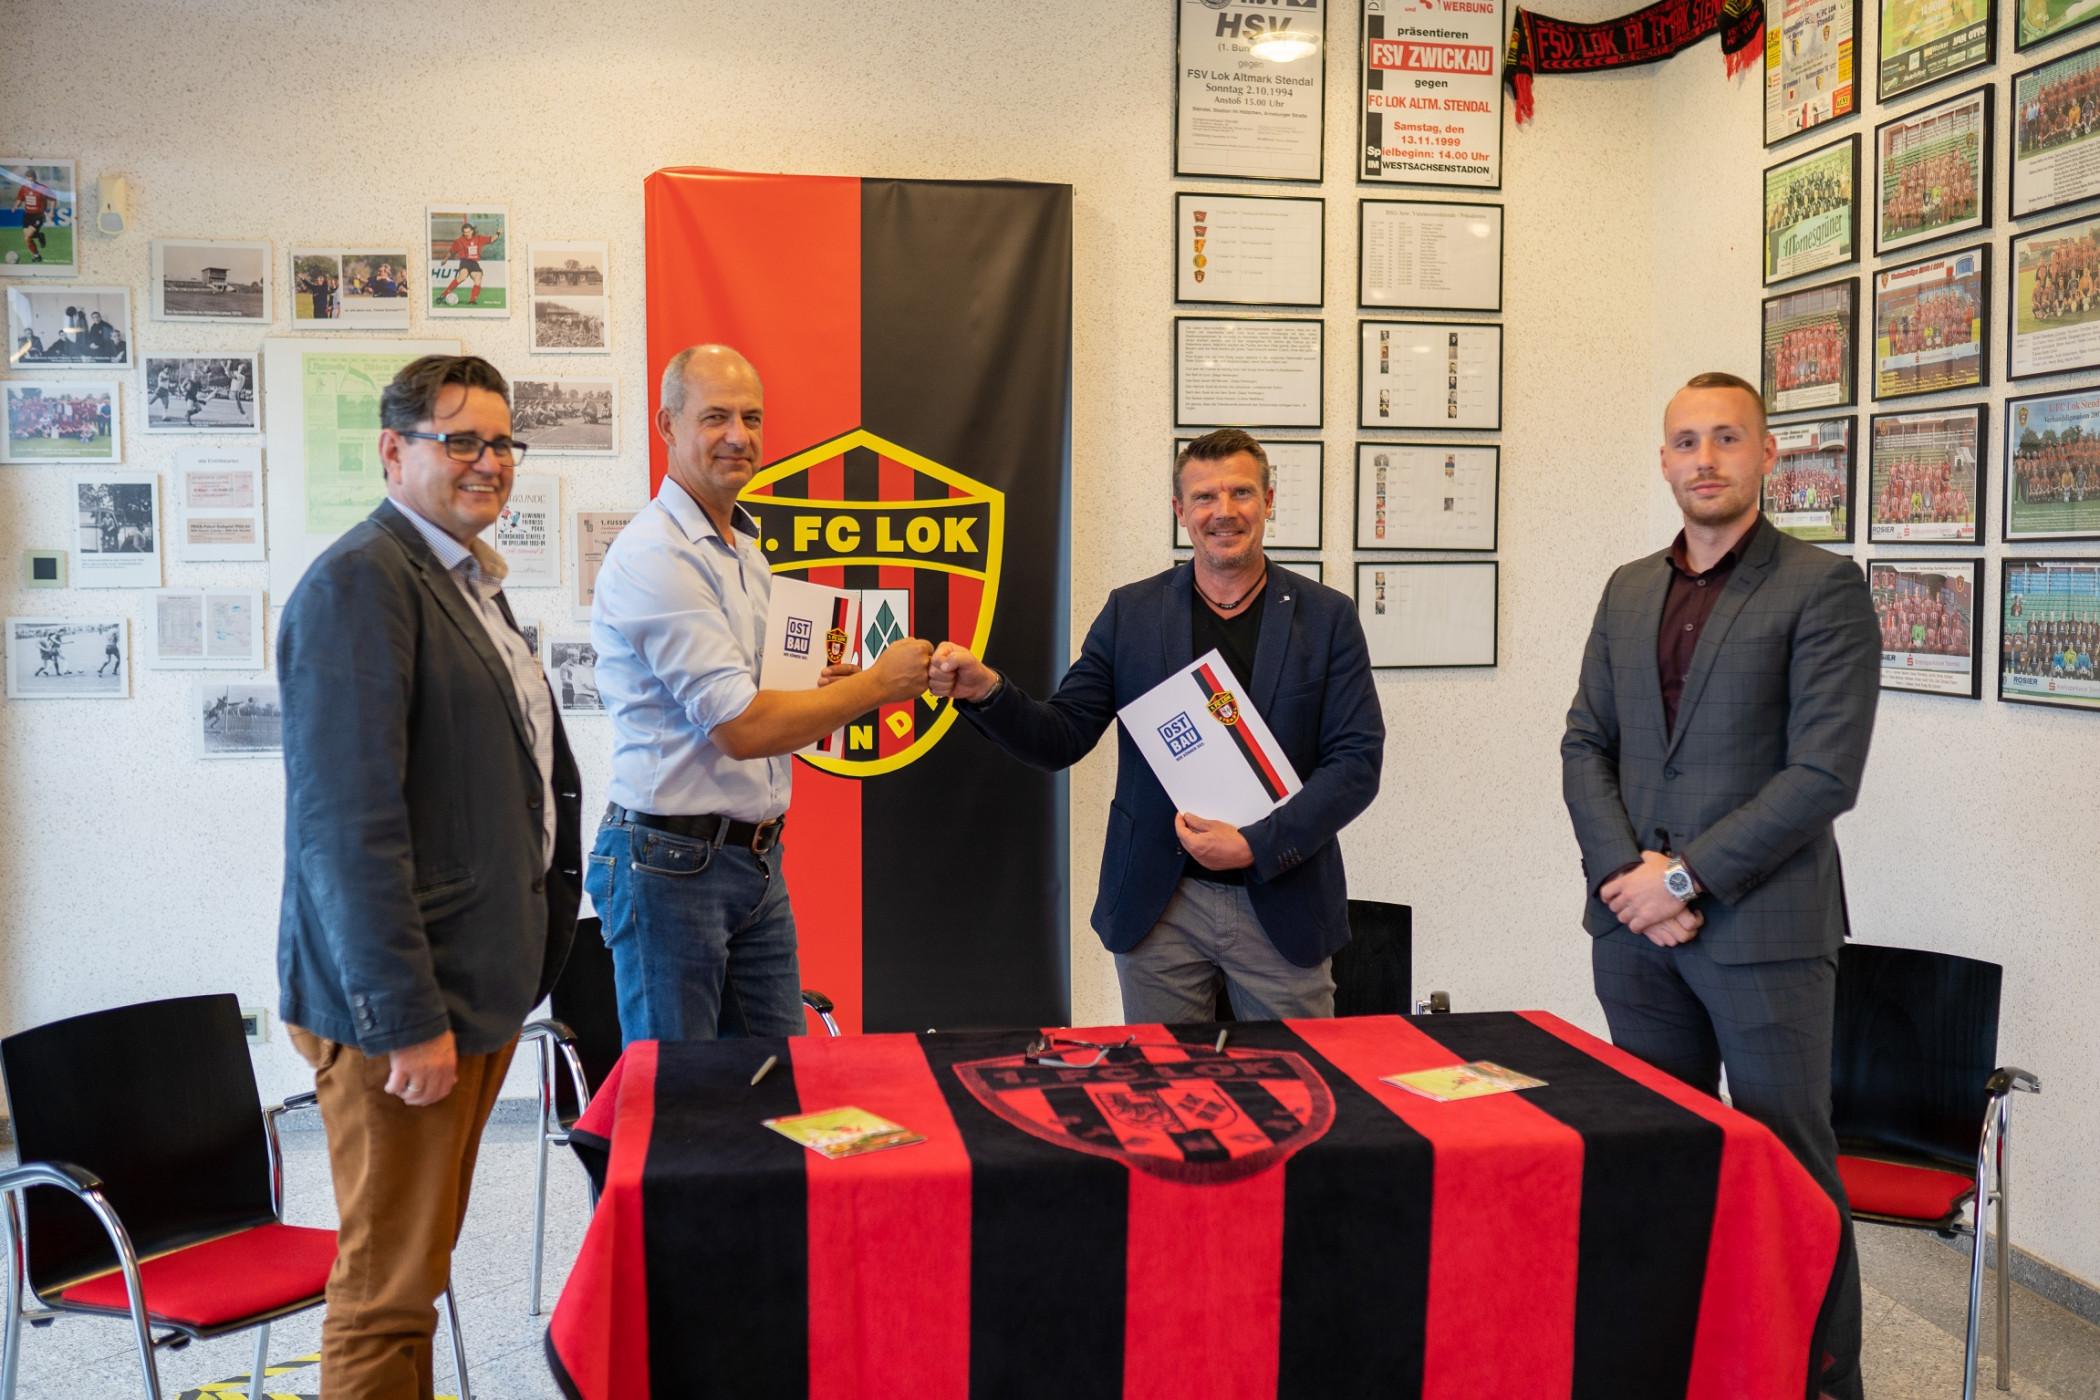 Sponsoren-Engagement ausgeweitet - 1. FC Lok Stendal